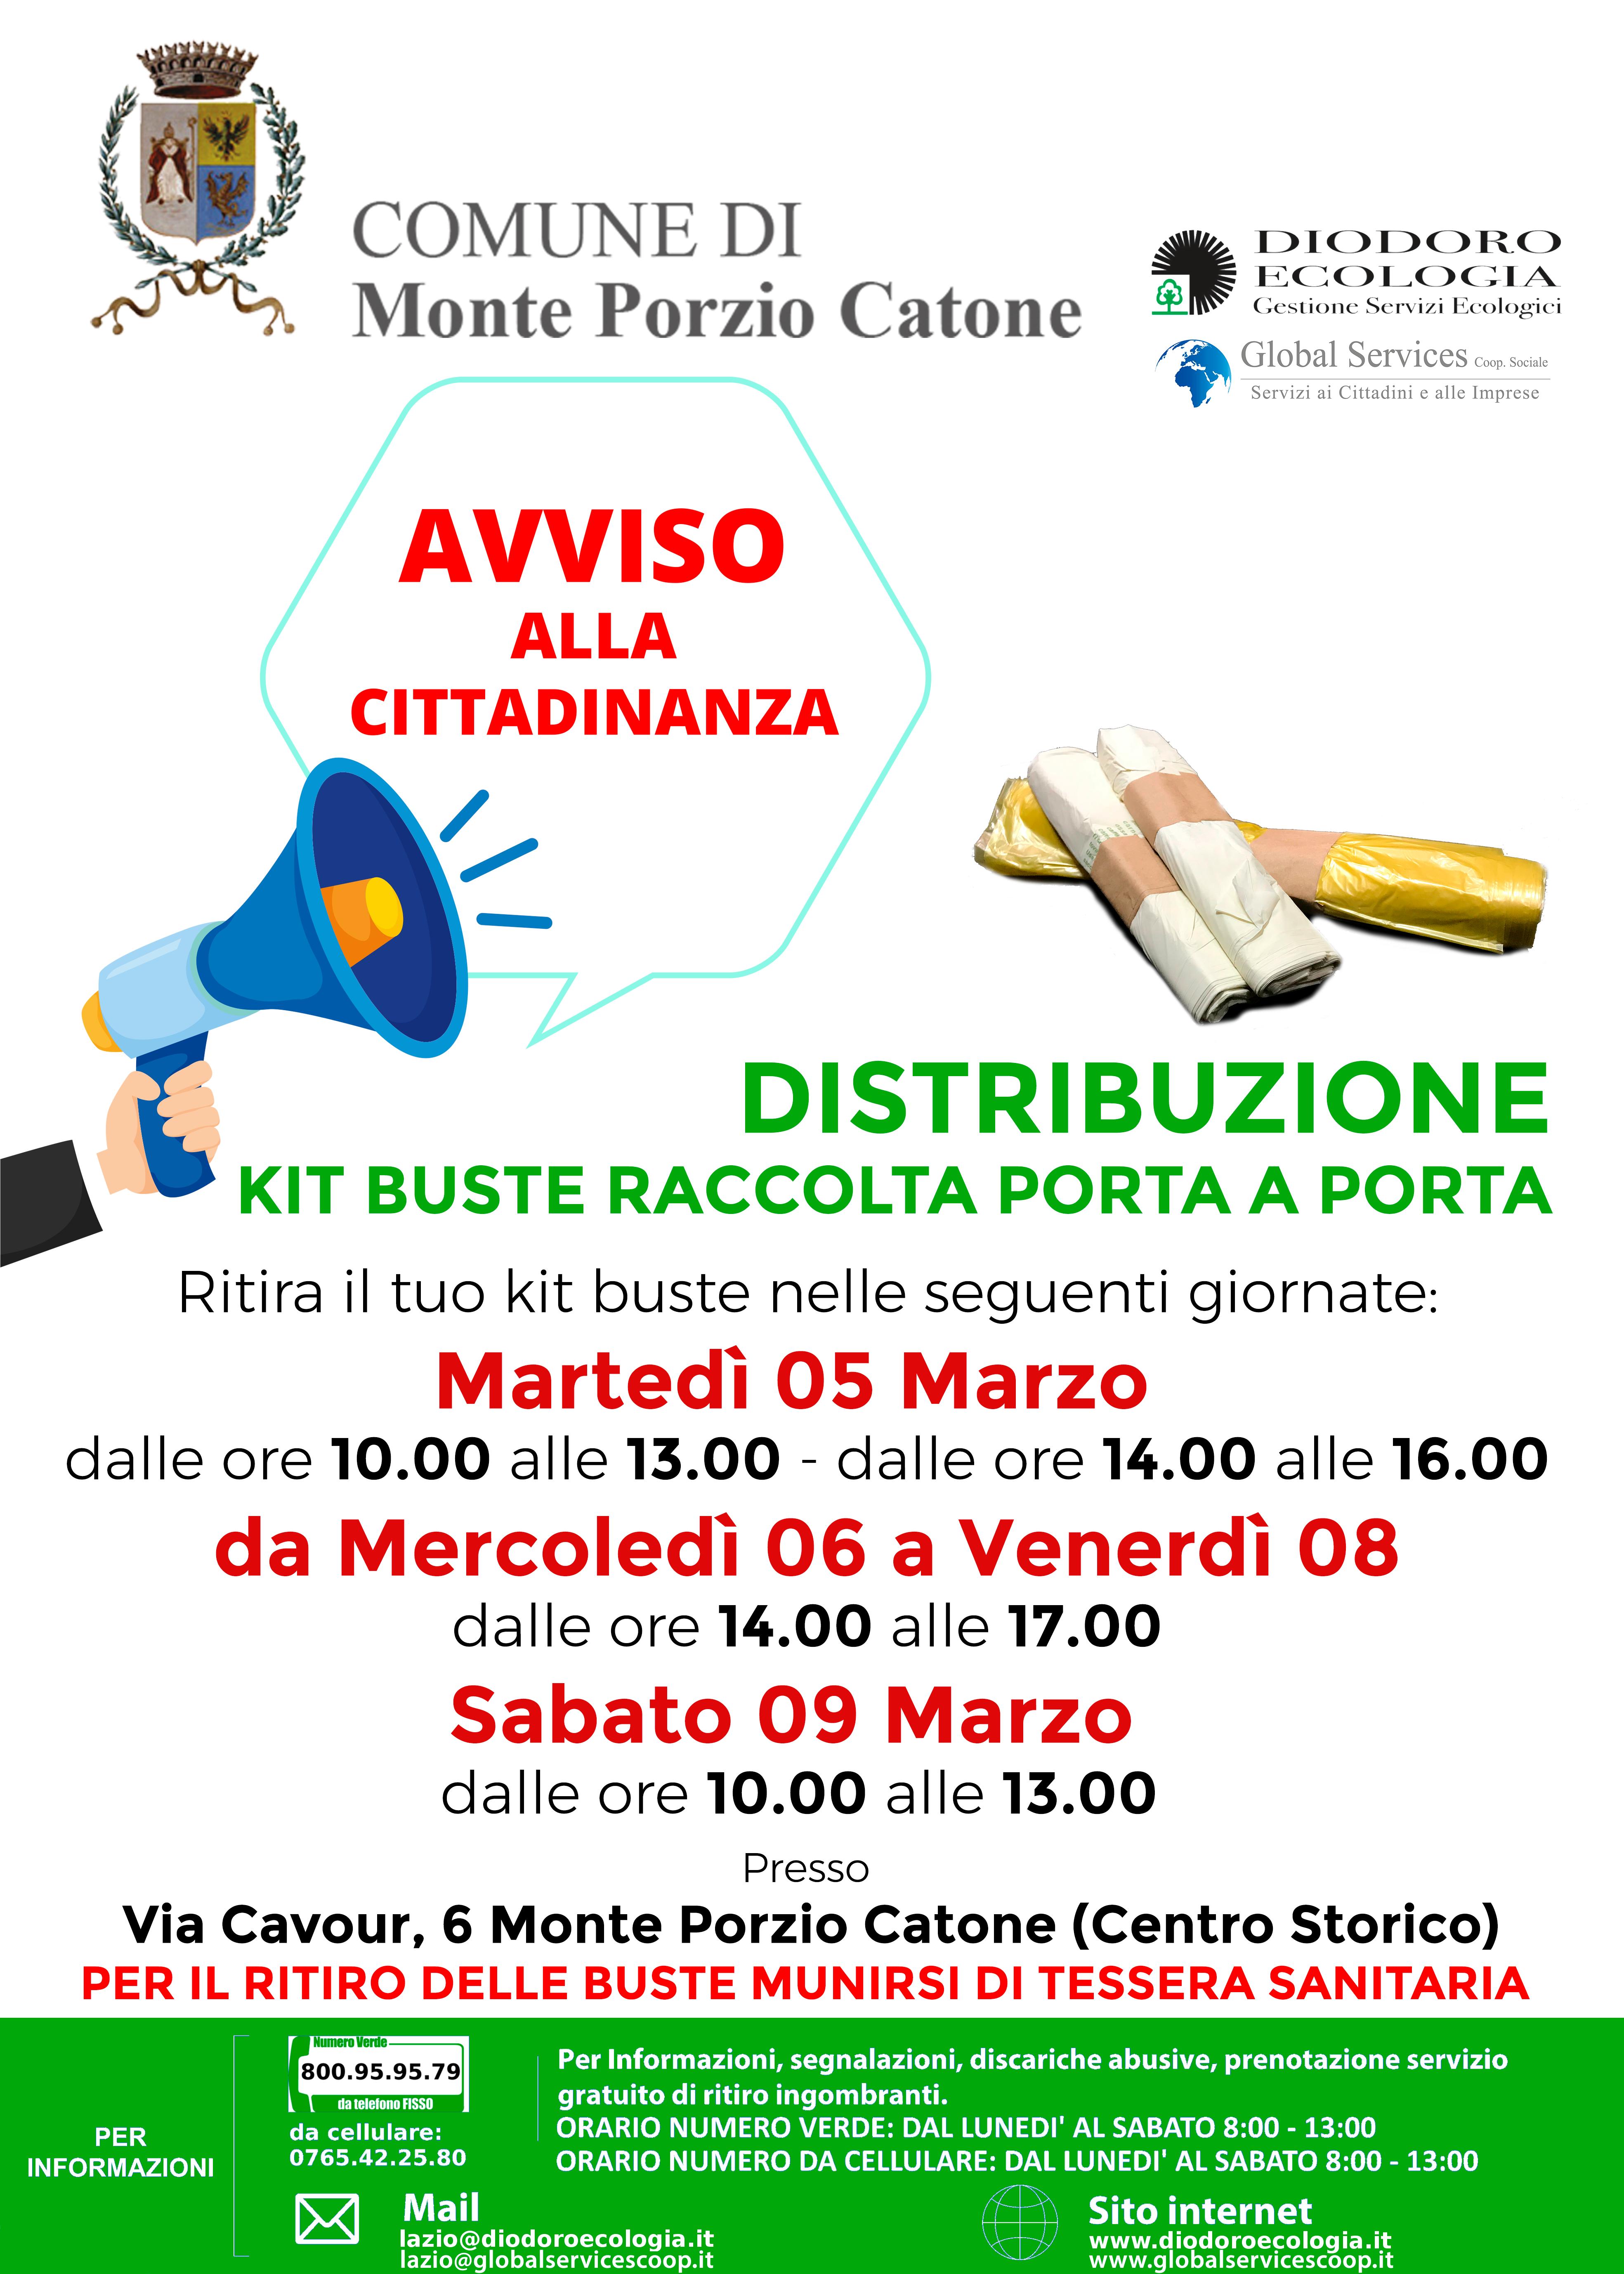 Monte Porzio Catone: Distribuzione kit buste raccolta